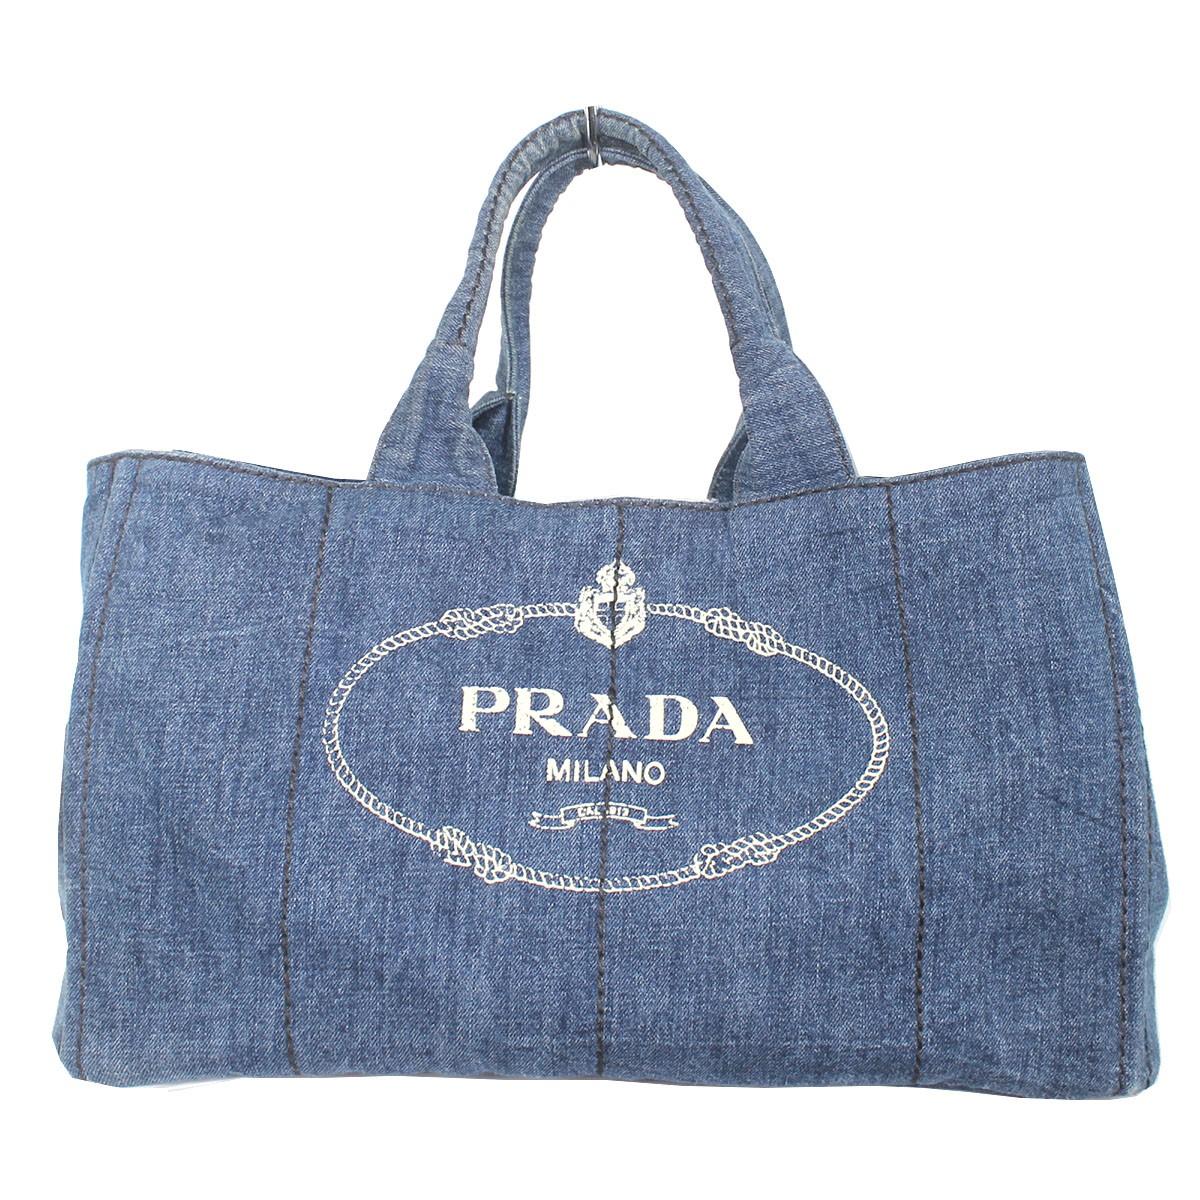 【中古】PRADA カナパデニムトートバッグ CANAPA インディゴ 【010520】(プラダ)